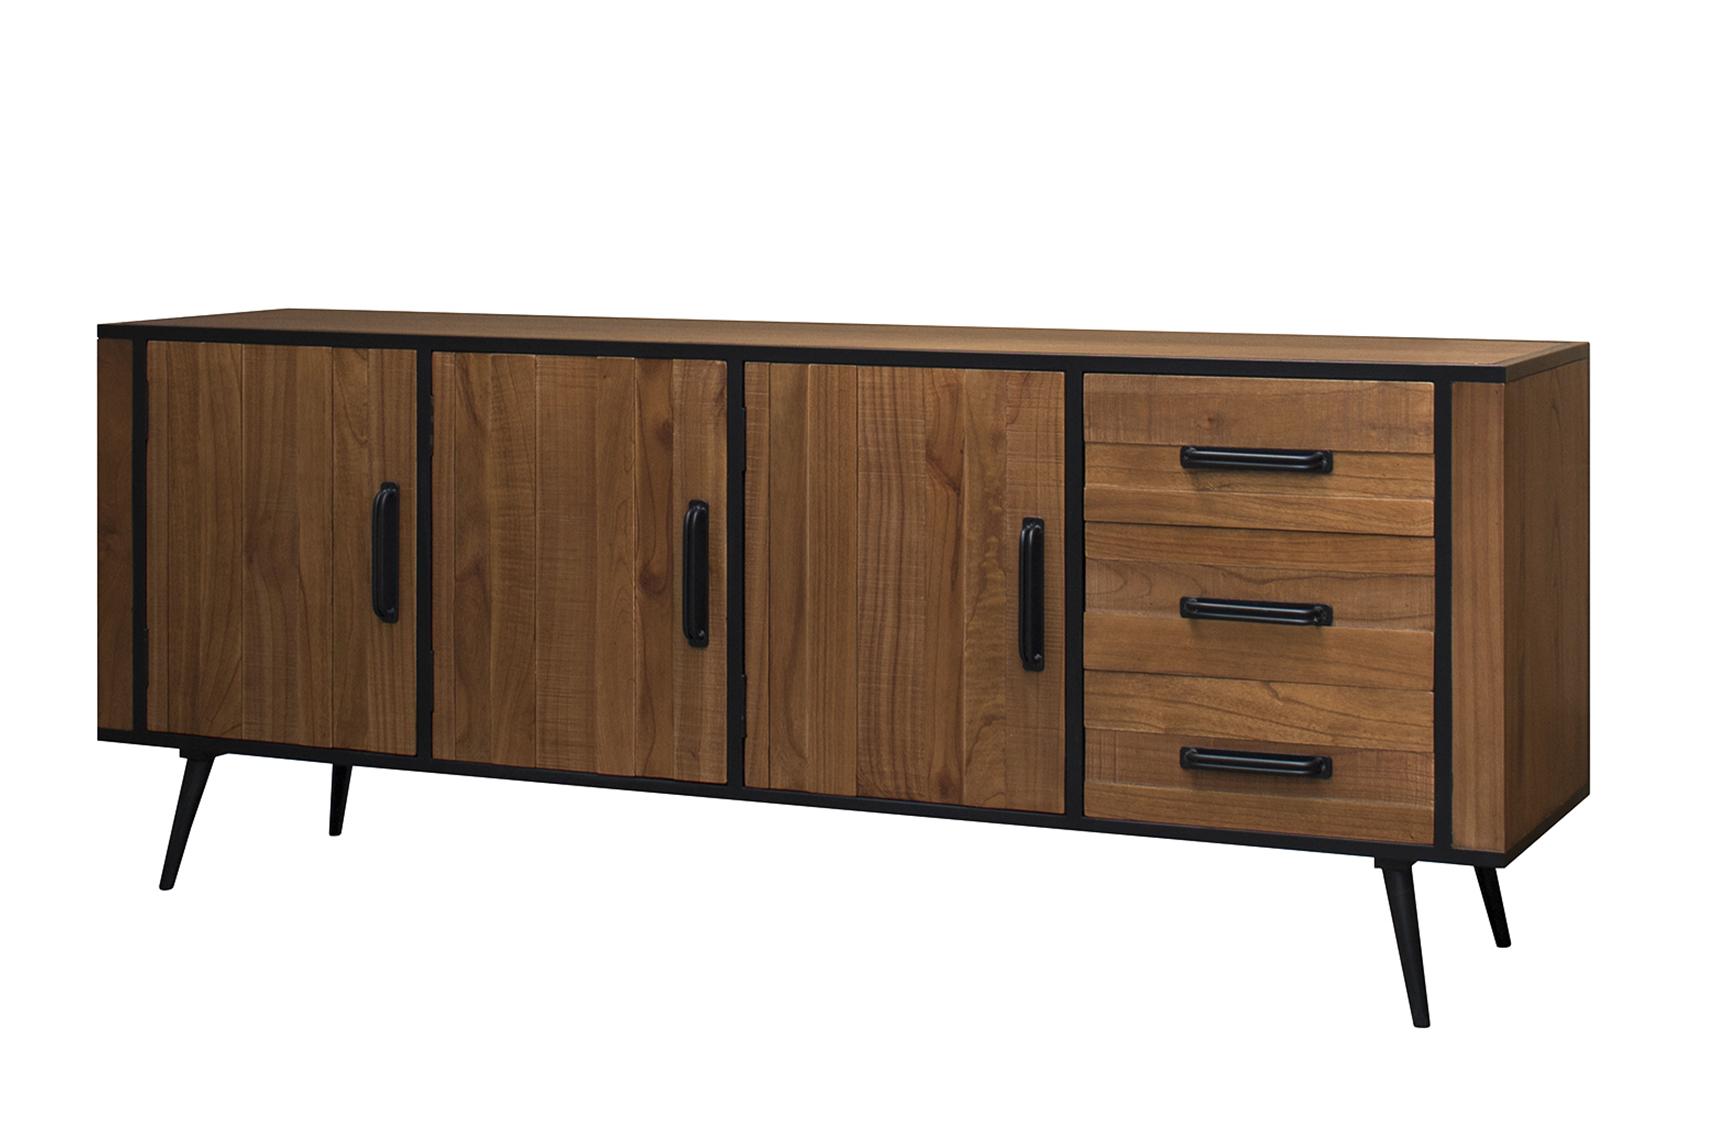 Muebles vintage en valencia munduk home - Muebles vintage valencia ...